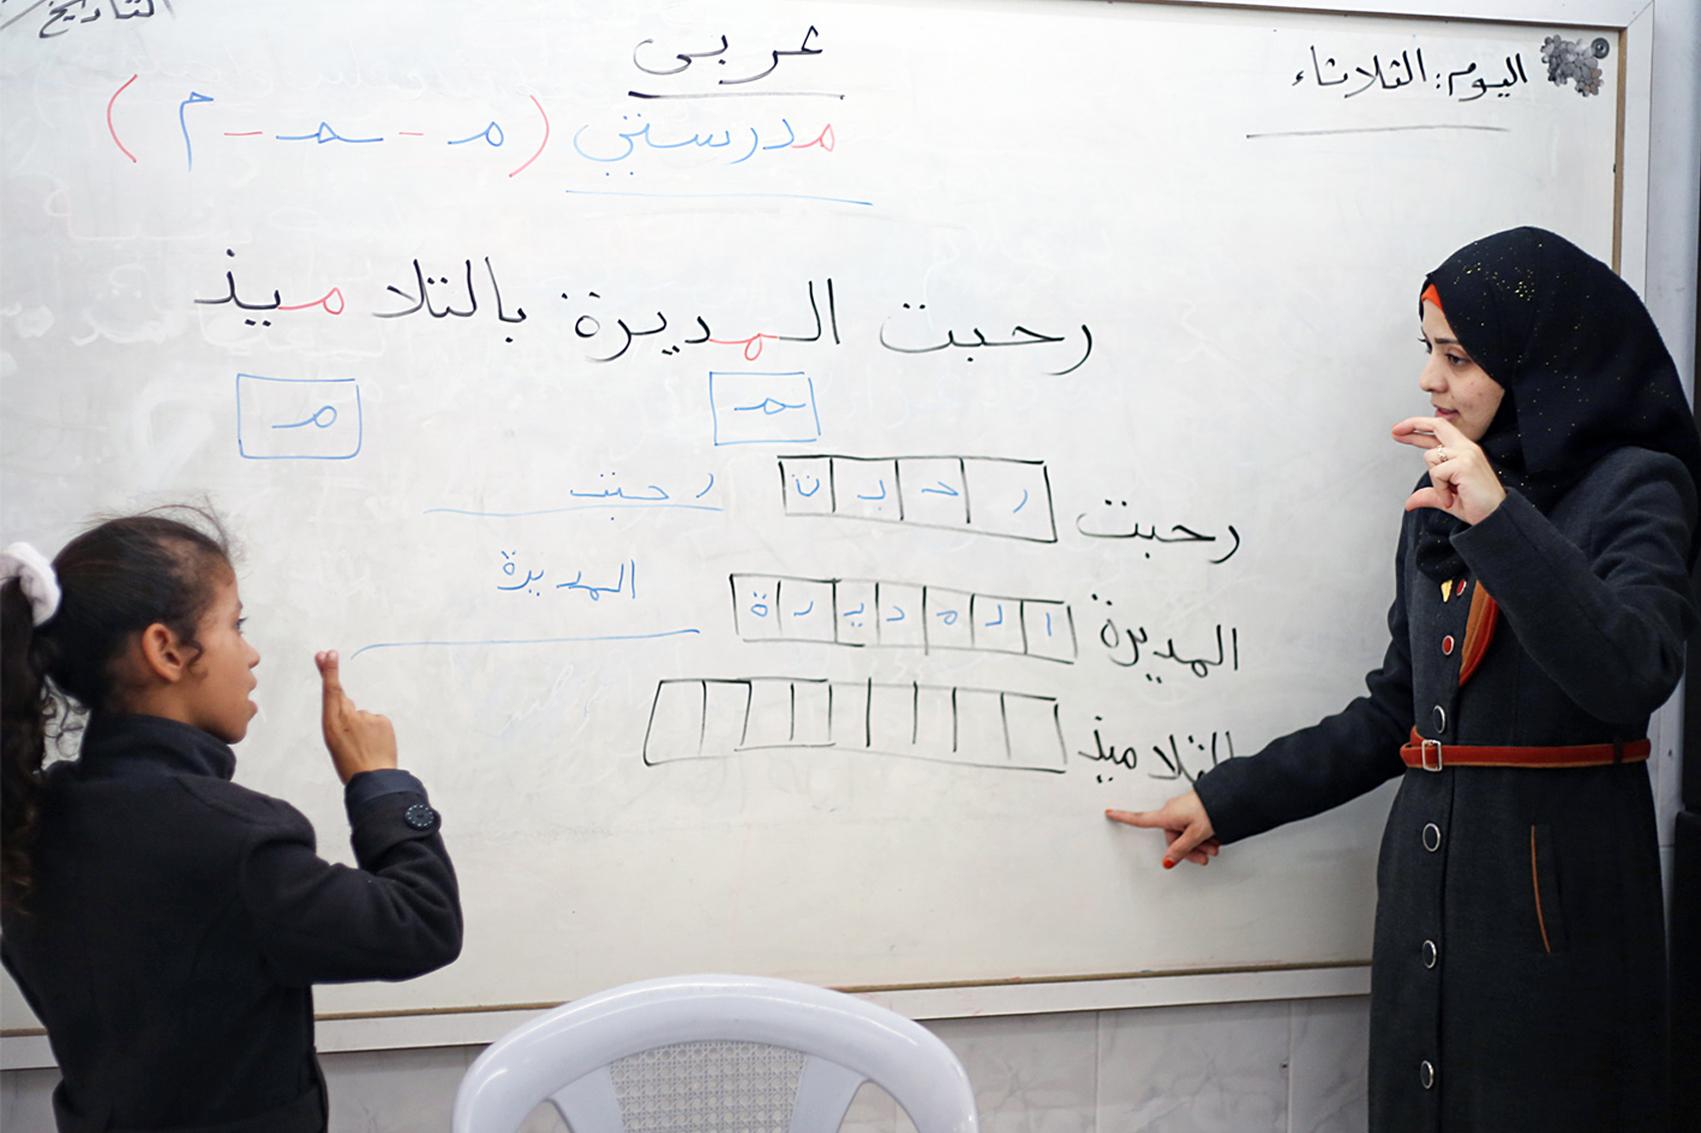 برنامج معزز بالحاسوب لتنمية مهارات التعبير الكتابي لدى الطلاب الصم في المرحلة الثانوية